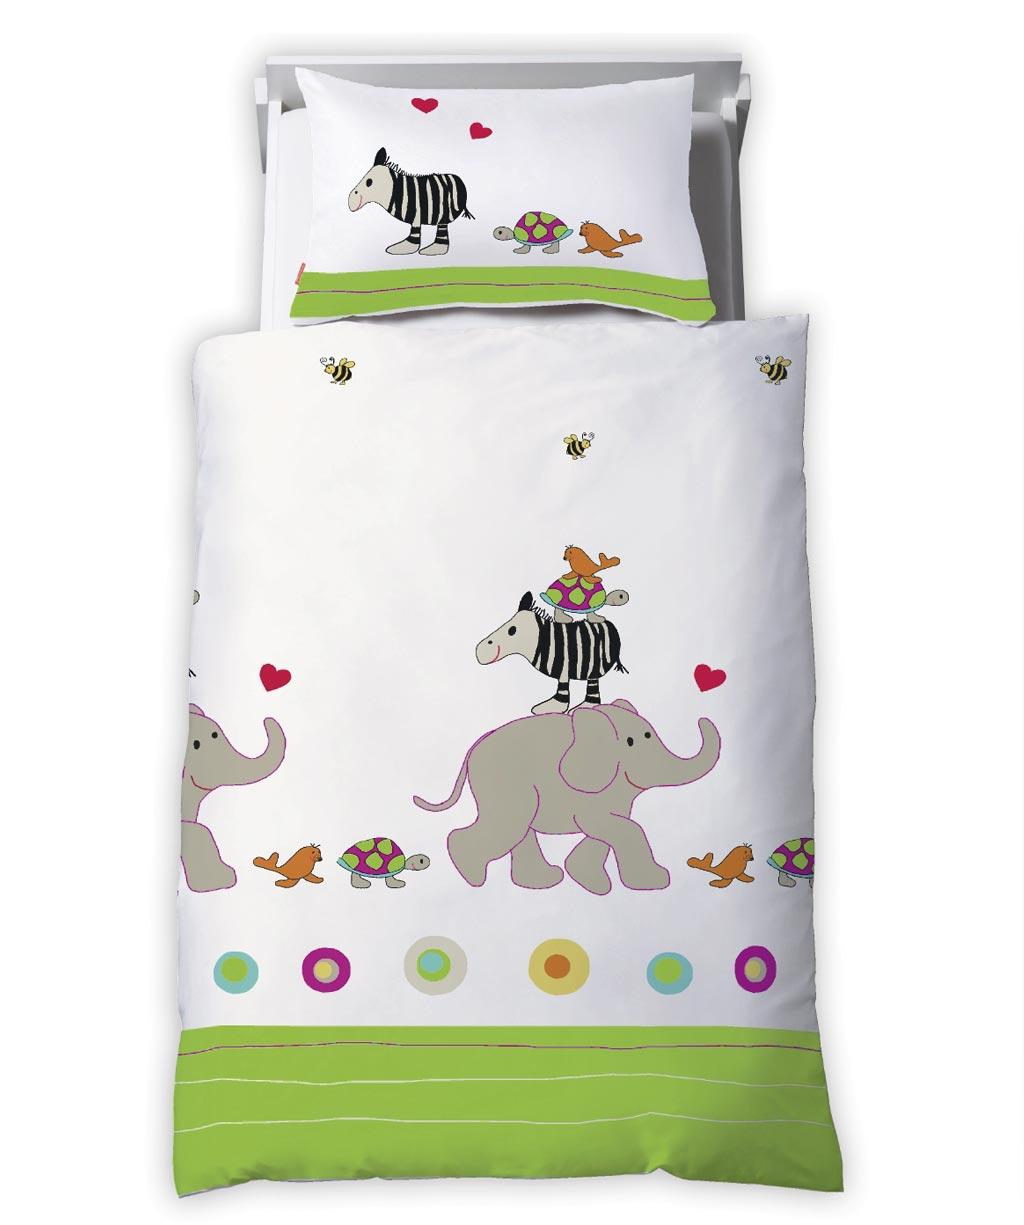 Liebevoll bedruckte Kinderbettwäsche mit Elefant, Zebra und anderen Tieren